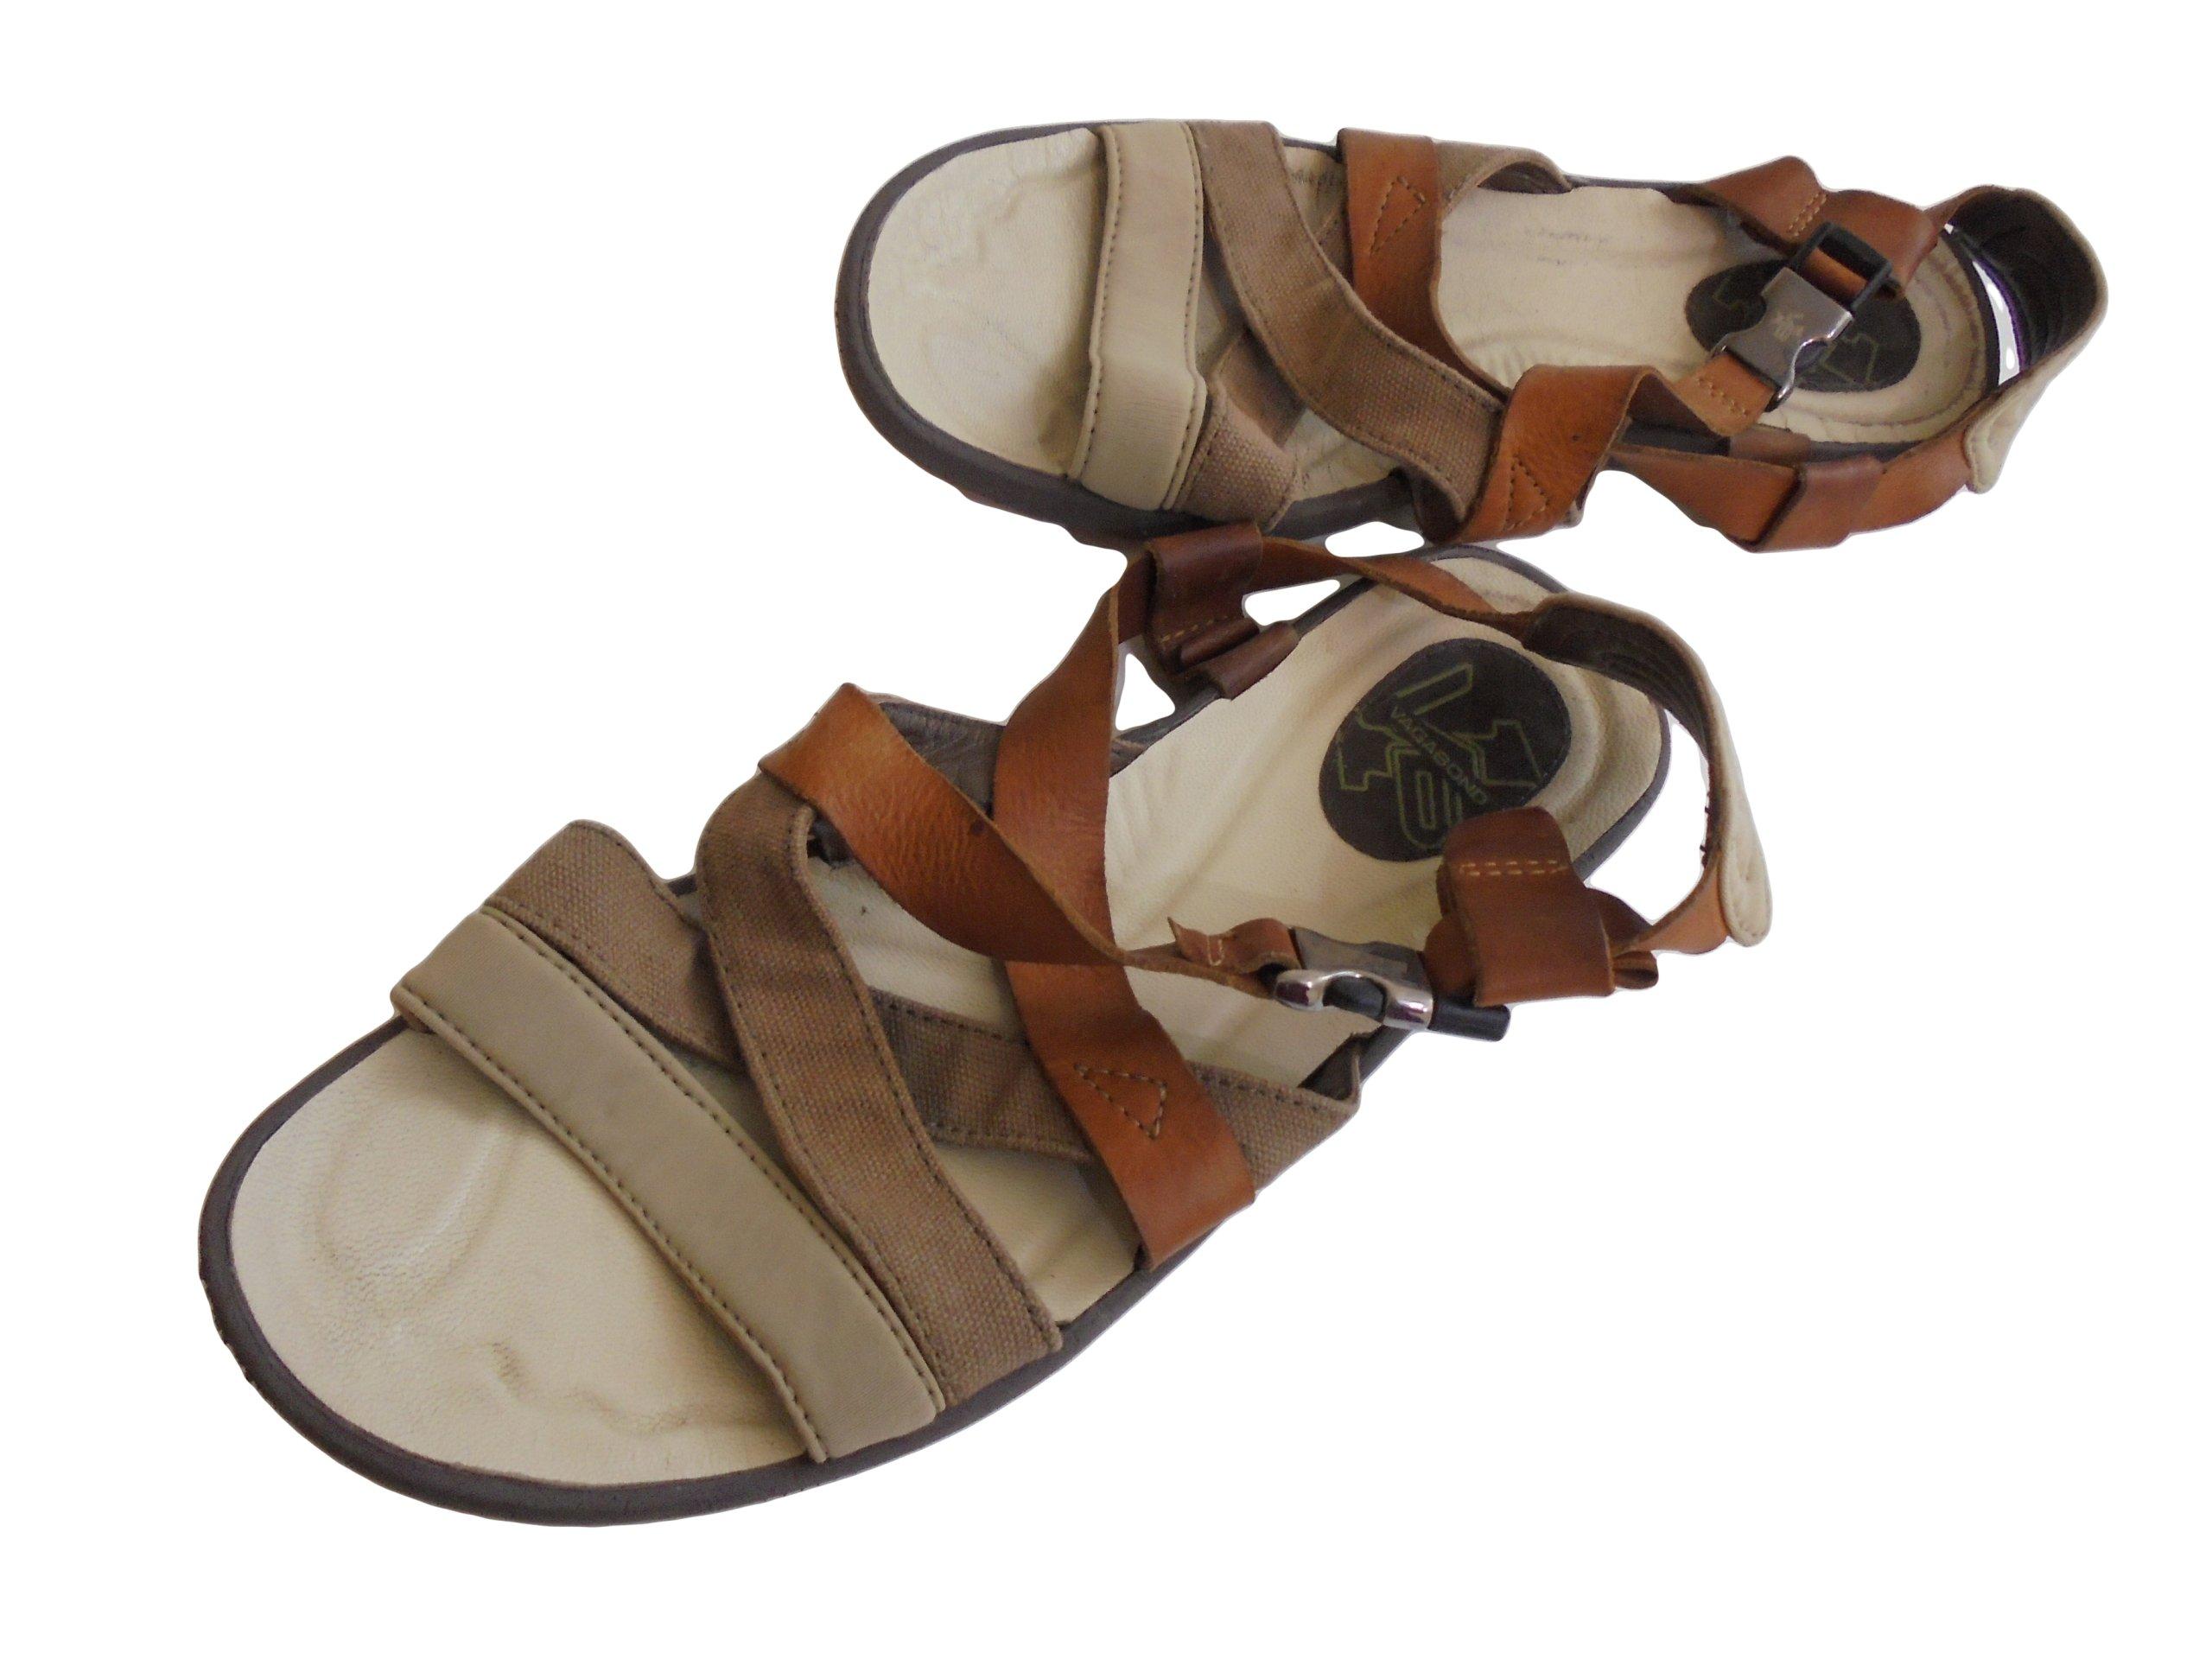 31c15a6780478 Skórzane sandały firmy Vagabond. Rozmiar 39. - 7394742736 ...